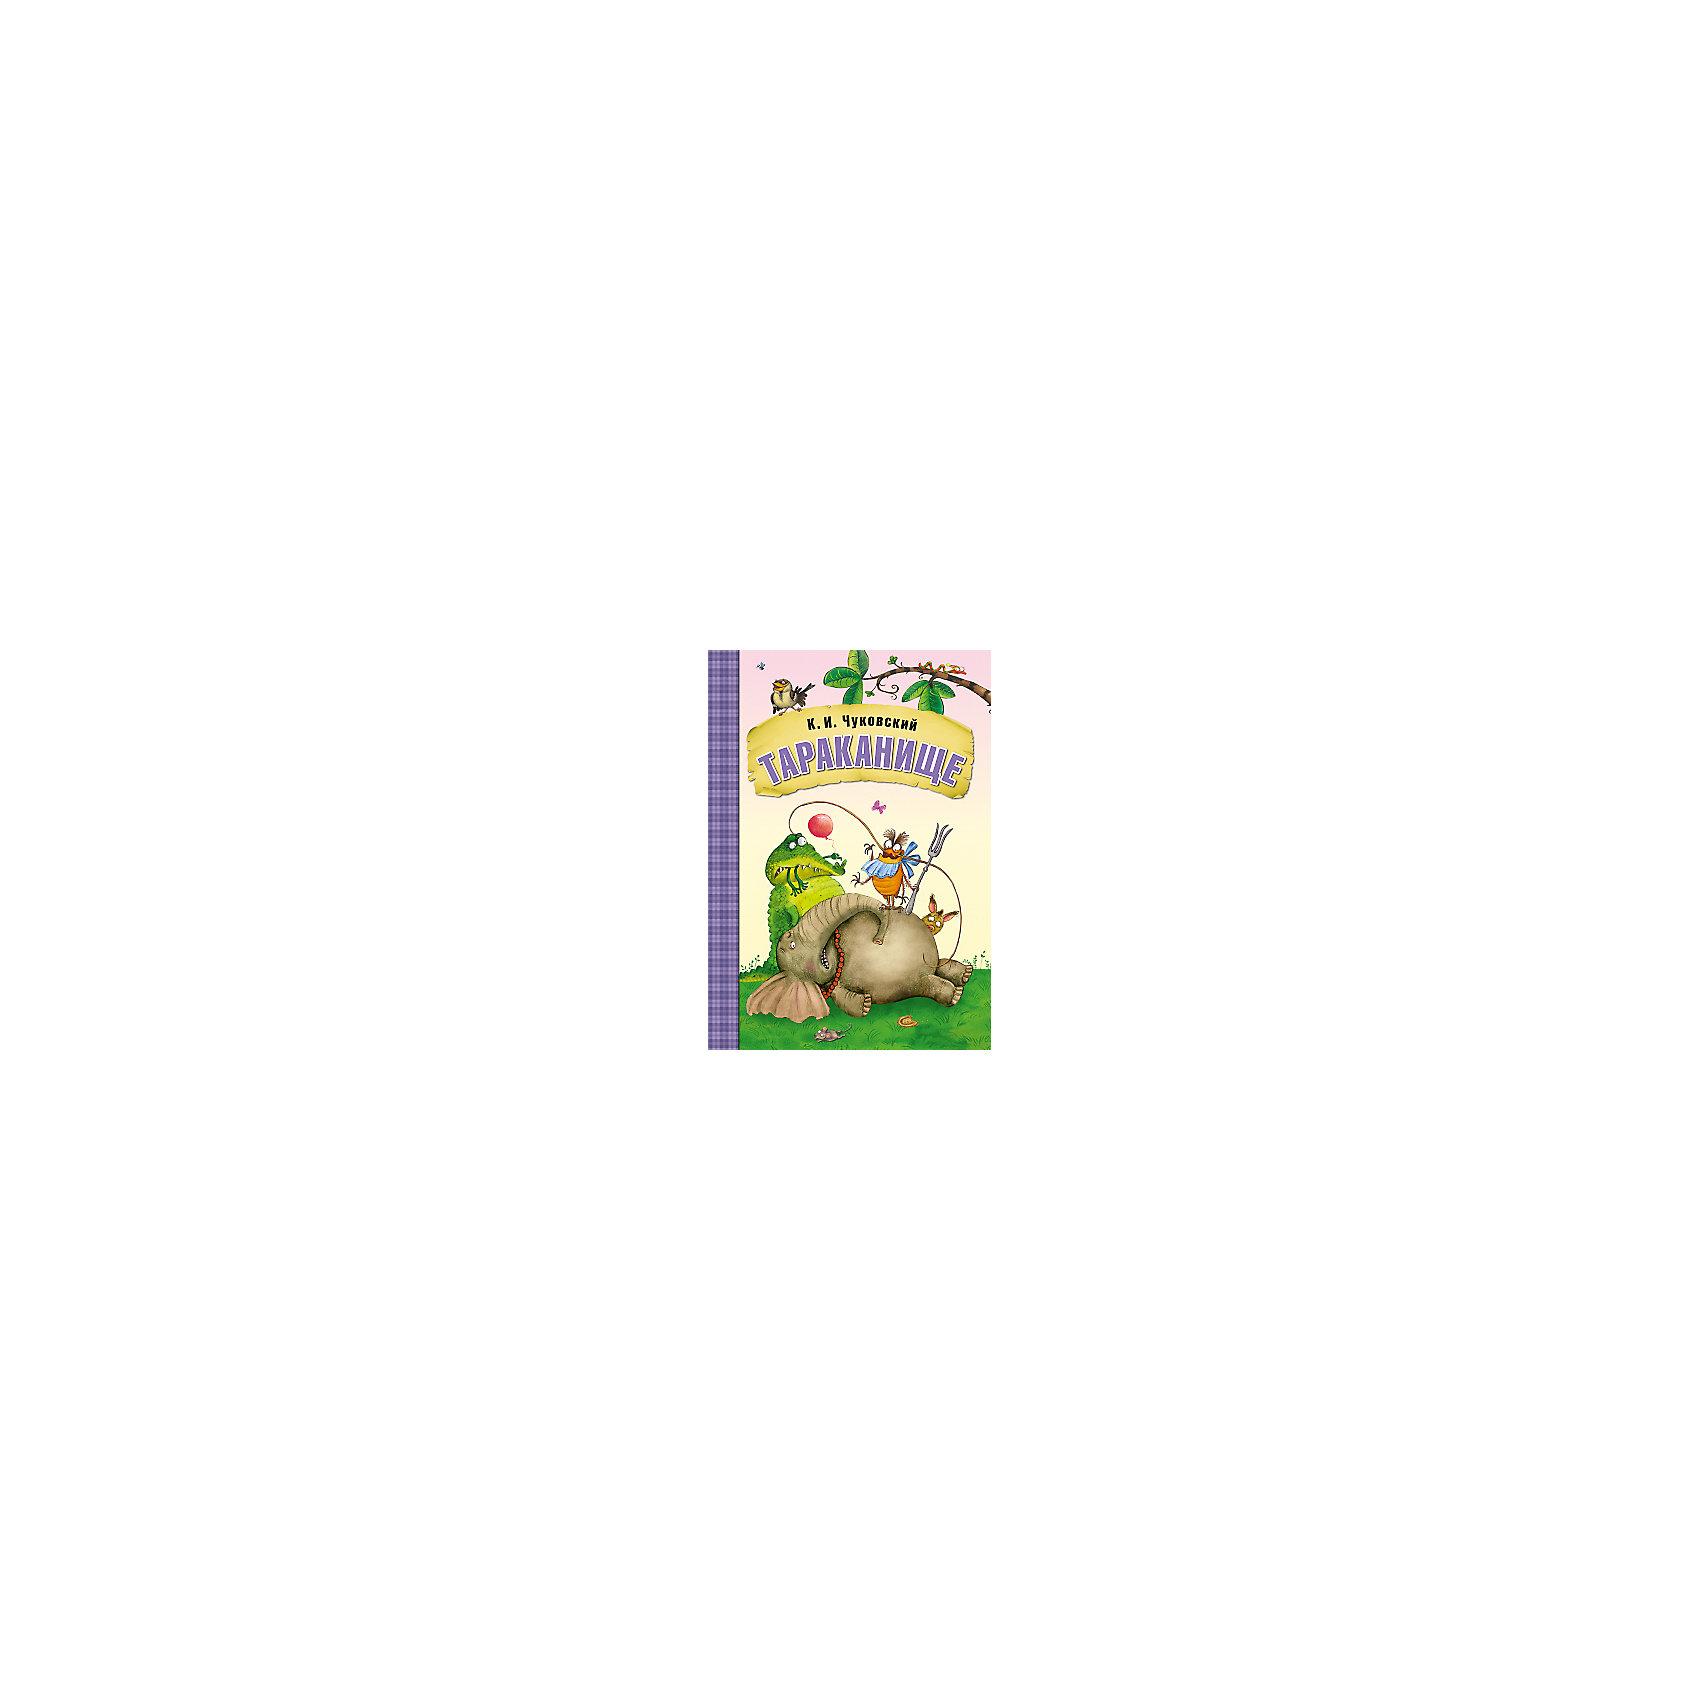 Тараканище, К.И. ЧуковскийРусские сказки<br>Эта замечательная книга с красочными иллюстрациями Л. Ереминой обязательно станет любимой!<br>Сказка Корнея Ивановича Чуковского «Тараканище» знакома всем с детства.<br>Книгу в мягкой обложке легко взять с собой в гости, в поездку, на дачу или в детский сад -любимая сказка будет сопровождать вашего малыша где угодно.<br><br>Ширина мм: 200<br>Глубина мм: 205<br>Высота мм: 290<br>Вес г: 104<br>Возраст от месяцев: 12<br>Возраст до месяцев: 84<br>Пол: Унисекс<br>Возраст: Детский<br>SKU: 5523233